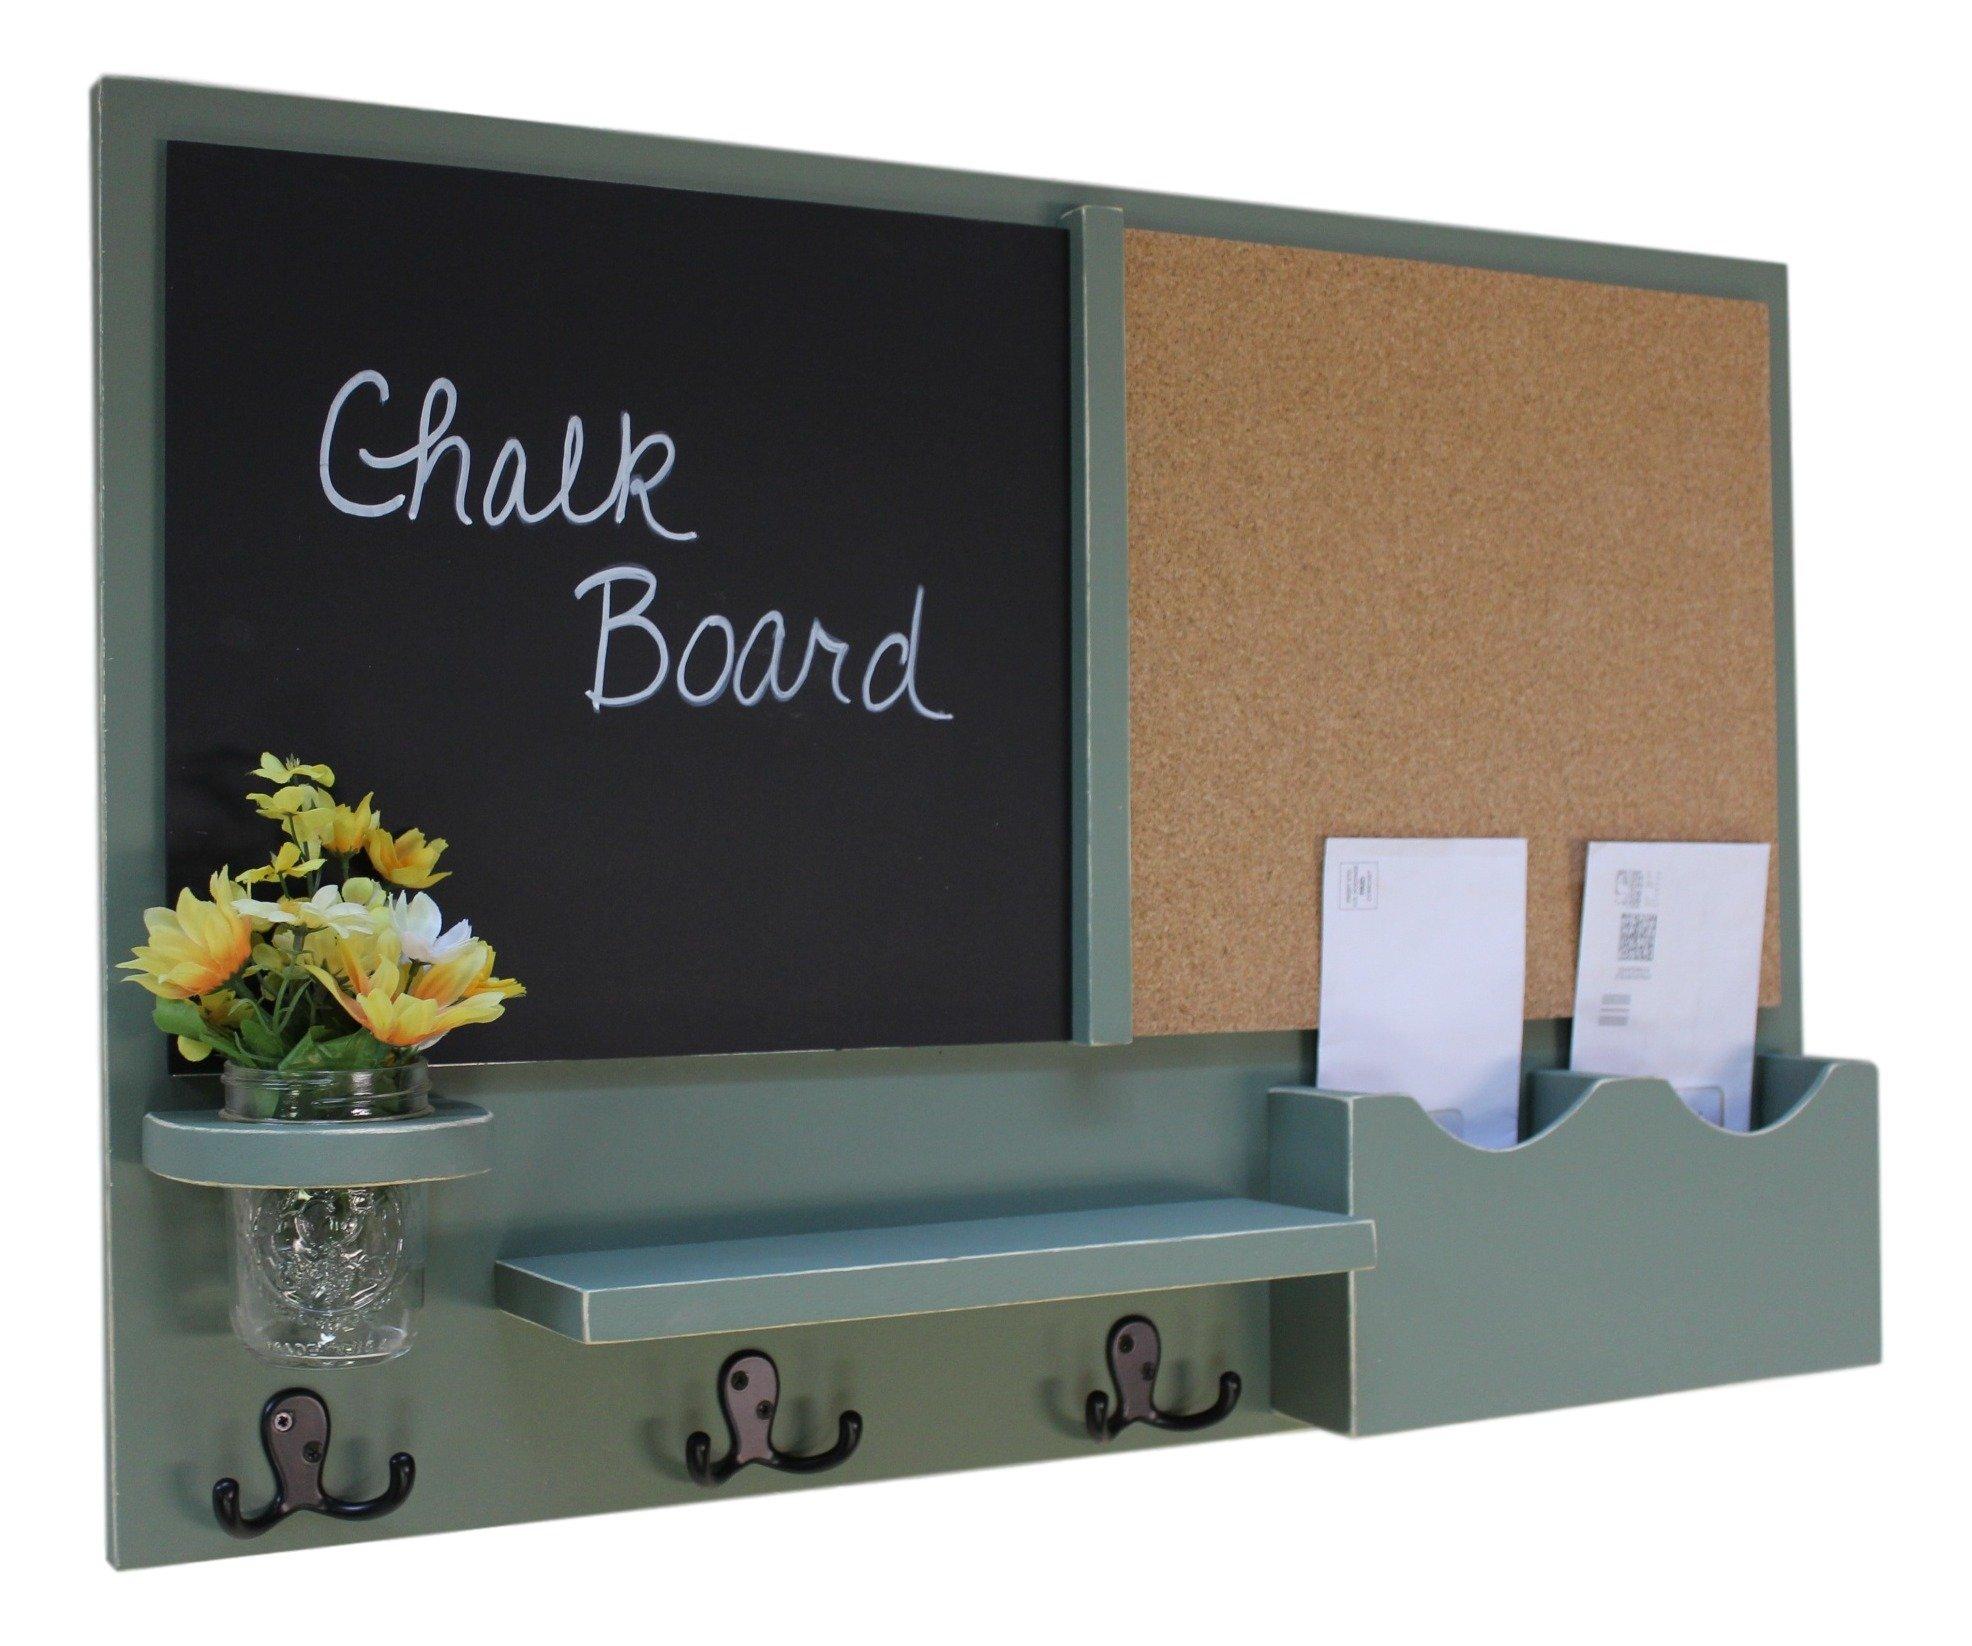 Legacy Studio Décor Message Center with Chalkboard & Cork Letter Holder Coat Rack Key Hooks (Distressed, Sage)